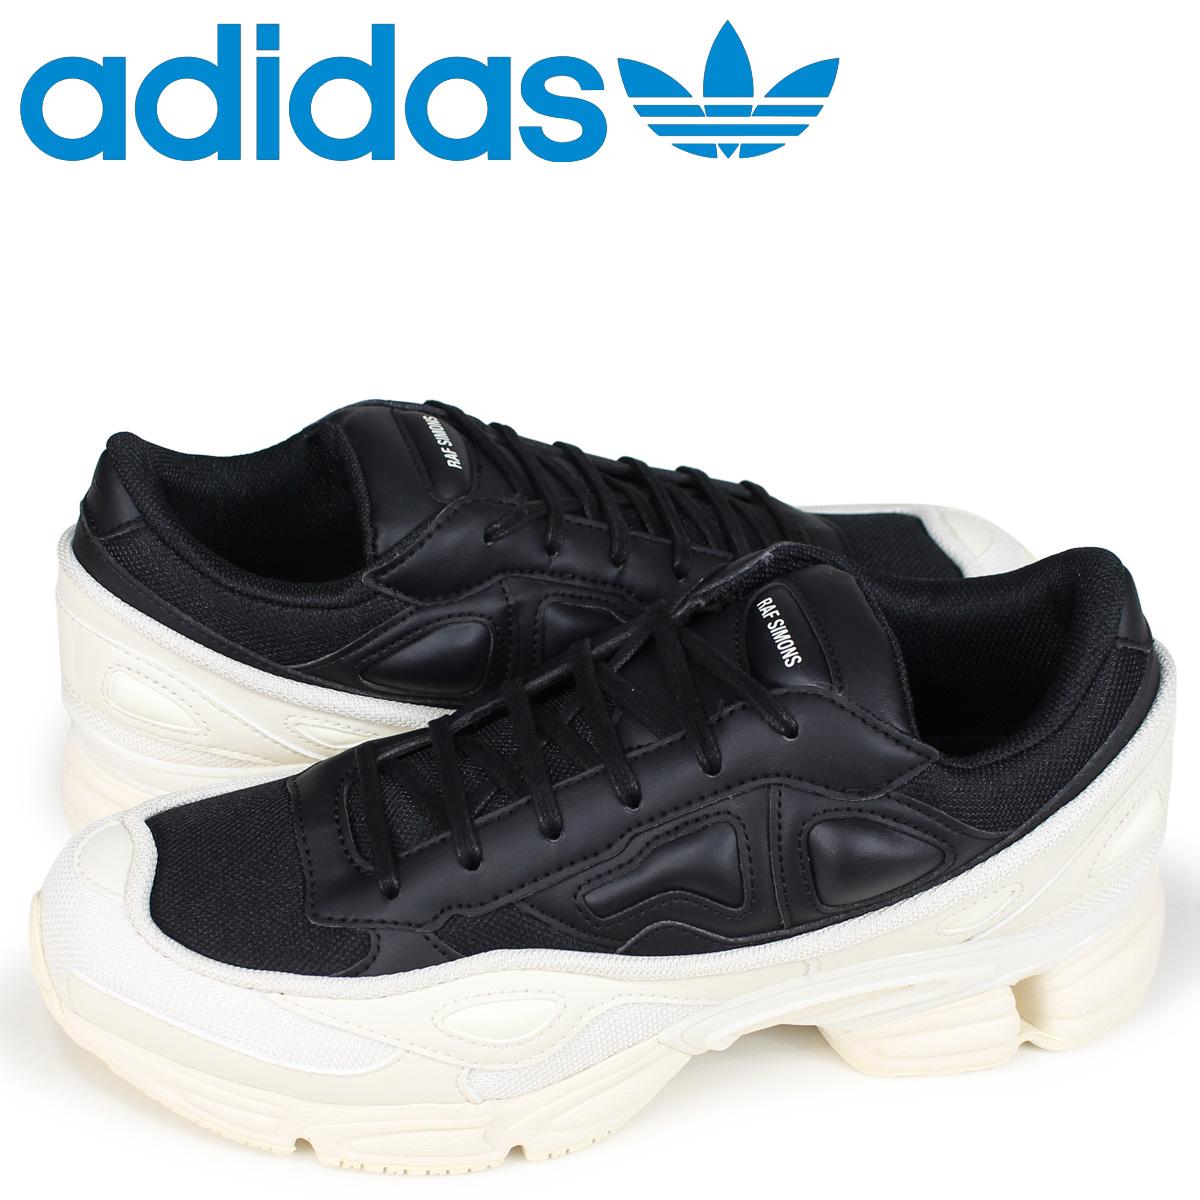 アディダス オリジナルス ラフシモンズ adidas Originals スニーカー RAF SIMONS オズウィーゴー RSOZWEEGO メンズ F34264 ホワイト [10/15 新入荷]